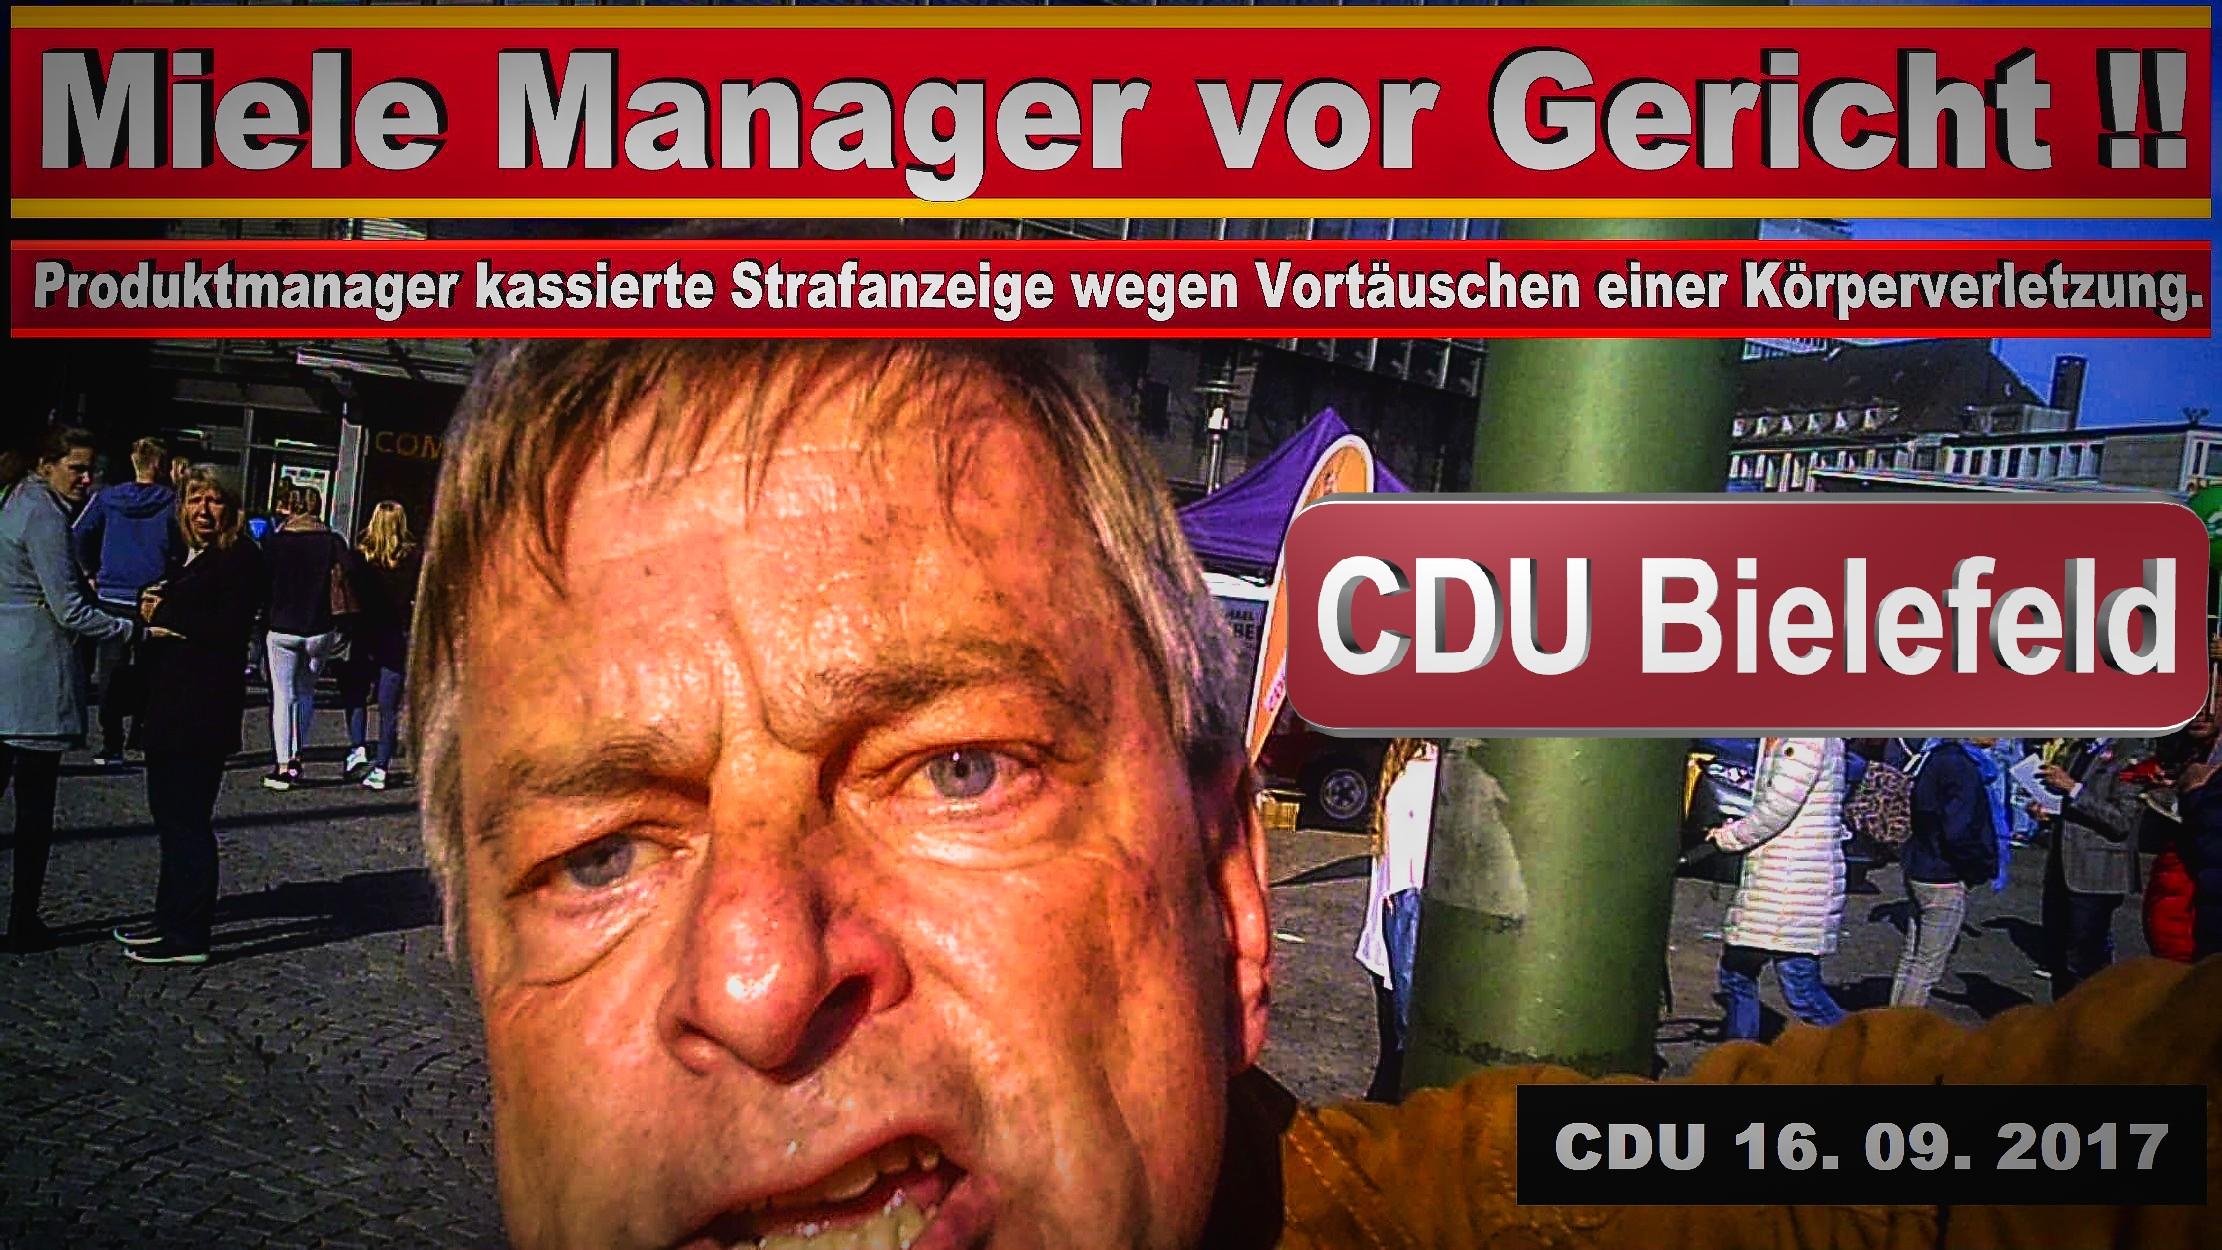 MICHAEL WEBER MIELE GüTERSLOH CDU BIELEFELD POLIZEIGEWALT GEWALTAUSBRUCH UND STRAFANZEIGE GEGEN EINEN JOURNALISTEN (FGJN1) EDIT KOPIE (2)